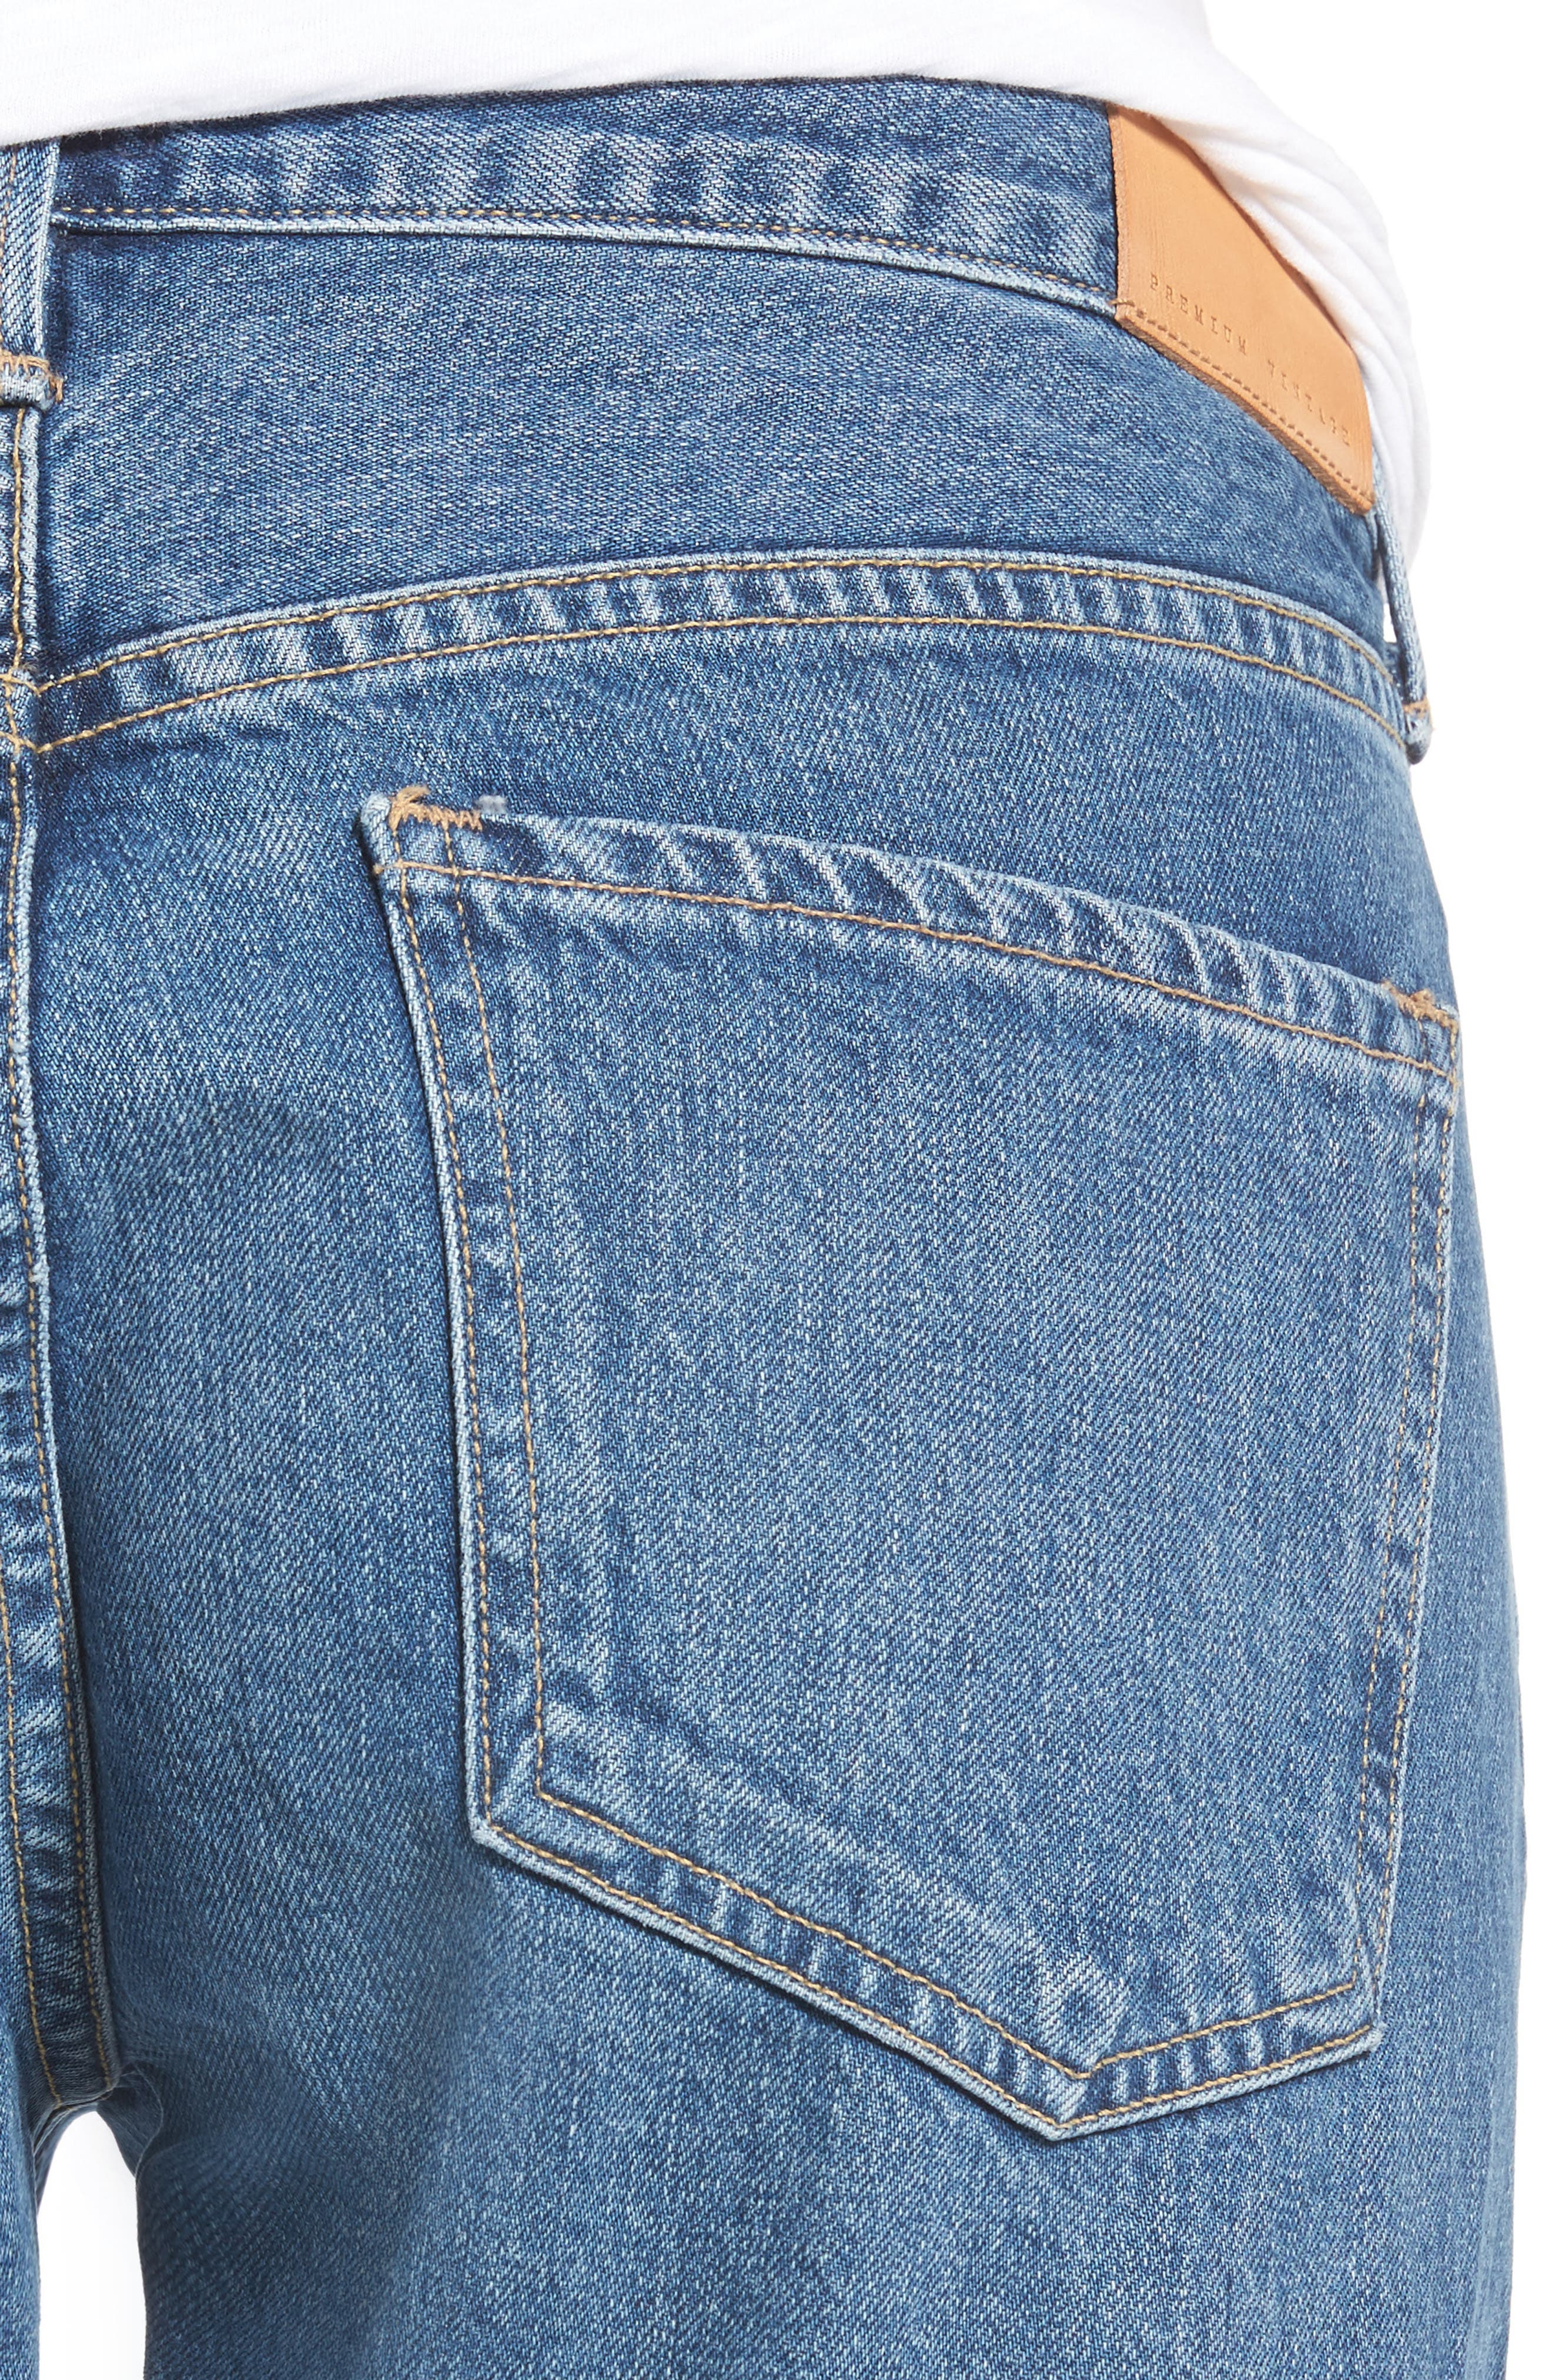 Emerson Slim Boyfriend Jeans,                             Alternate thumbnail 4, color,                             425